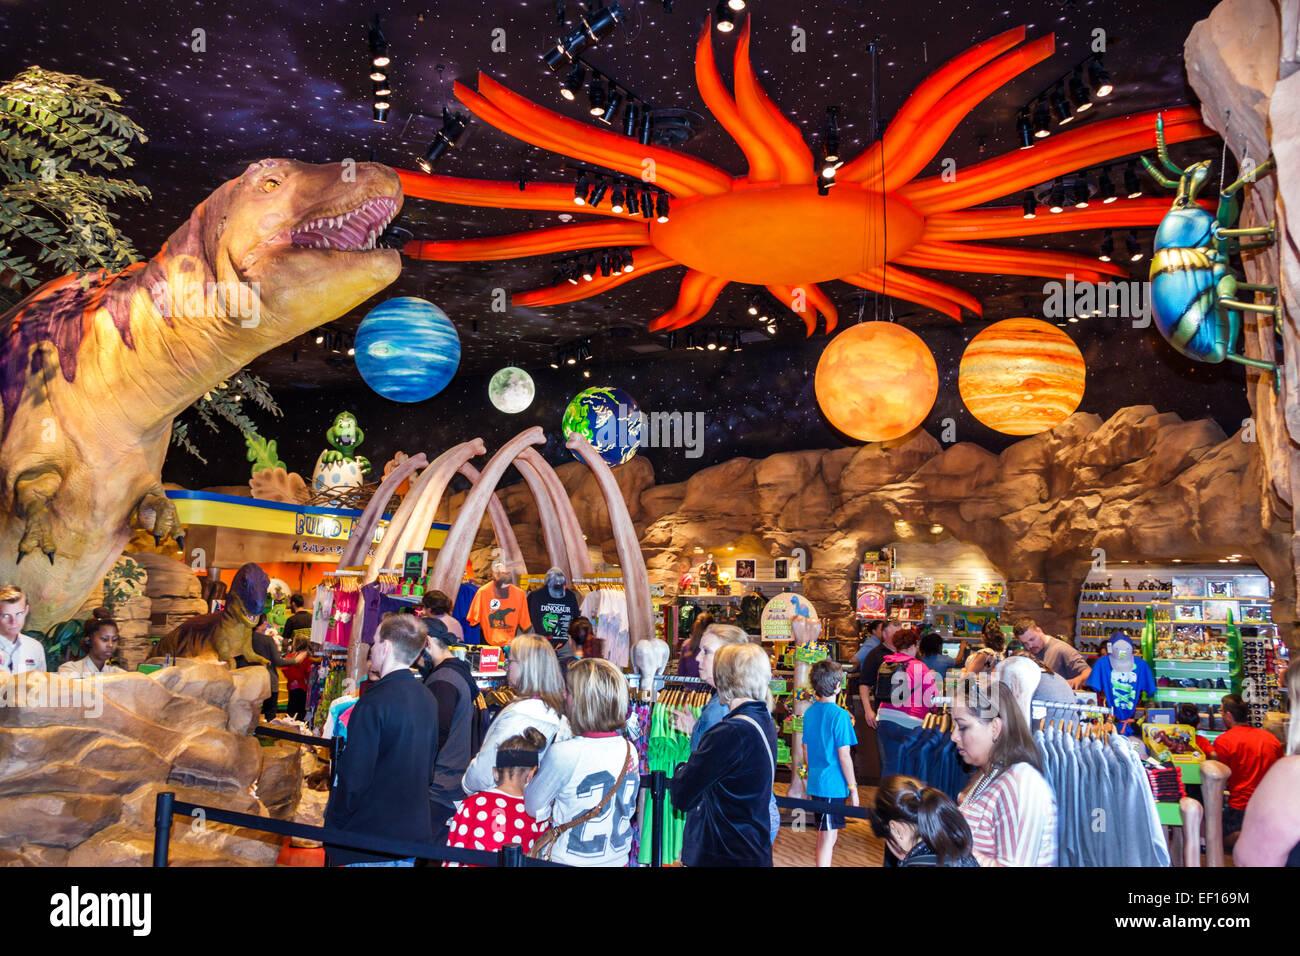 Florida, FL, Sud, Orlando, Lake Buena Vista, Downtown Disney Springs, shopping shopper acquirenti negozi mercati mercato mercato acquisti vendita Foto Stock